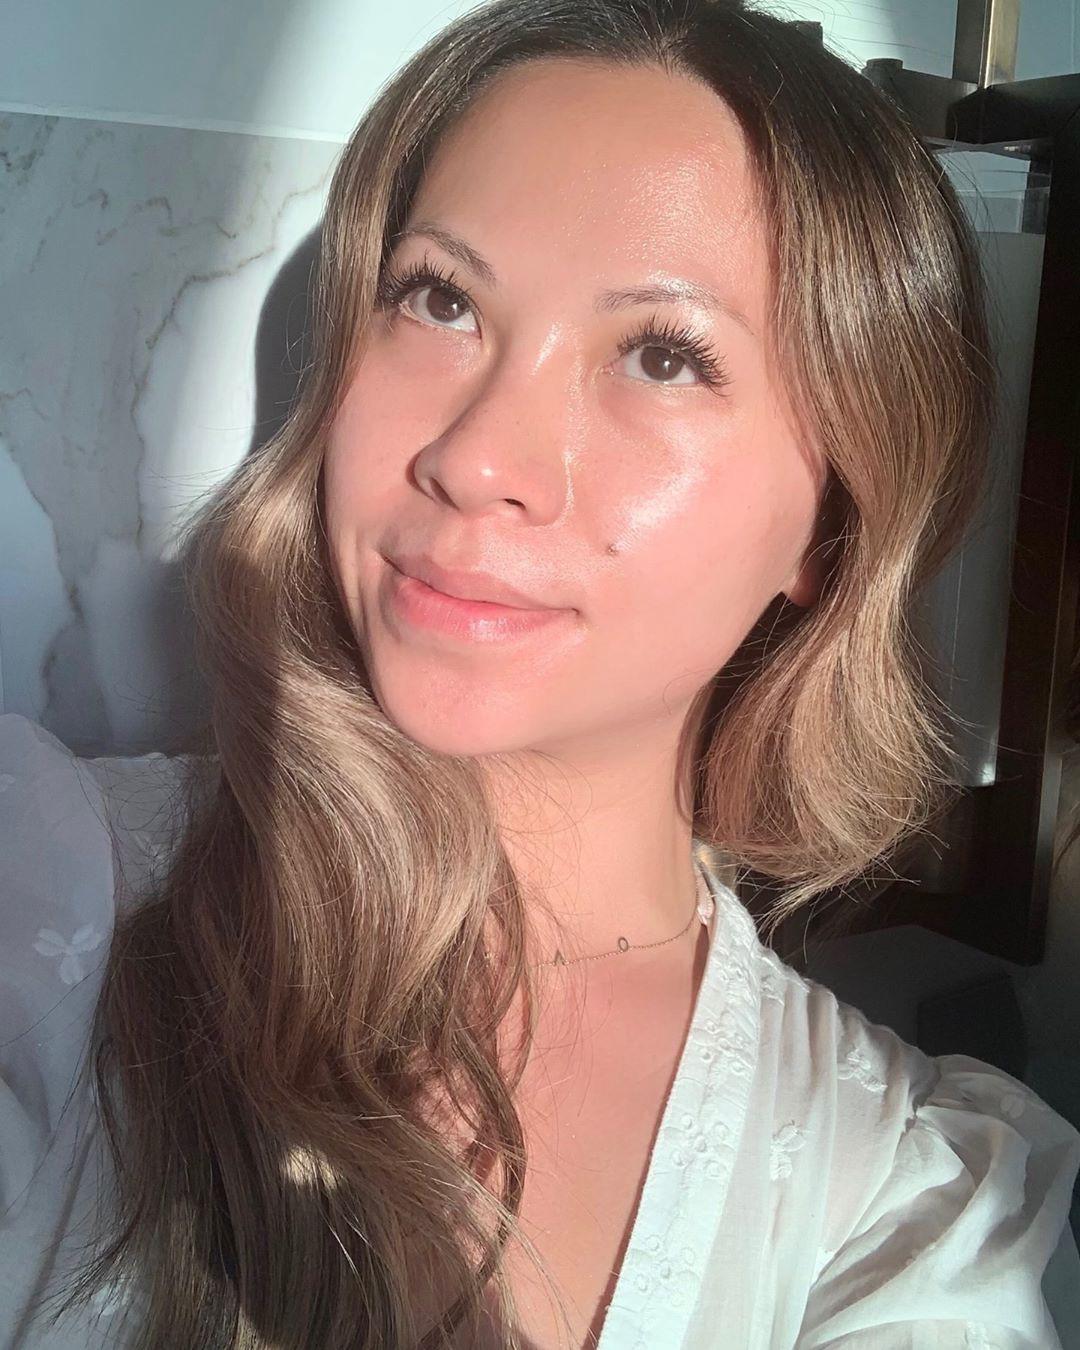 Làn da căng bóng như gương trong truyền thuyết hoàn toàn là khả thi nếu bạn học theo 4 bí kíp này của chuyên gia makeup gốc Việt - Ảnh 4.